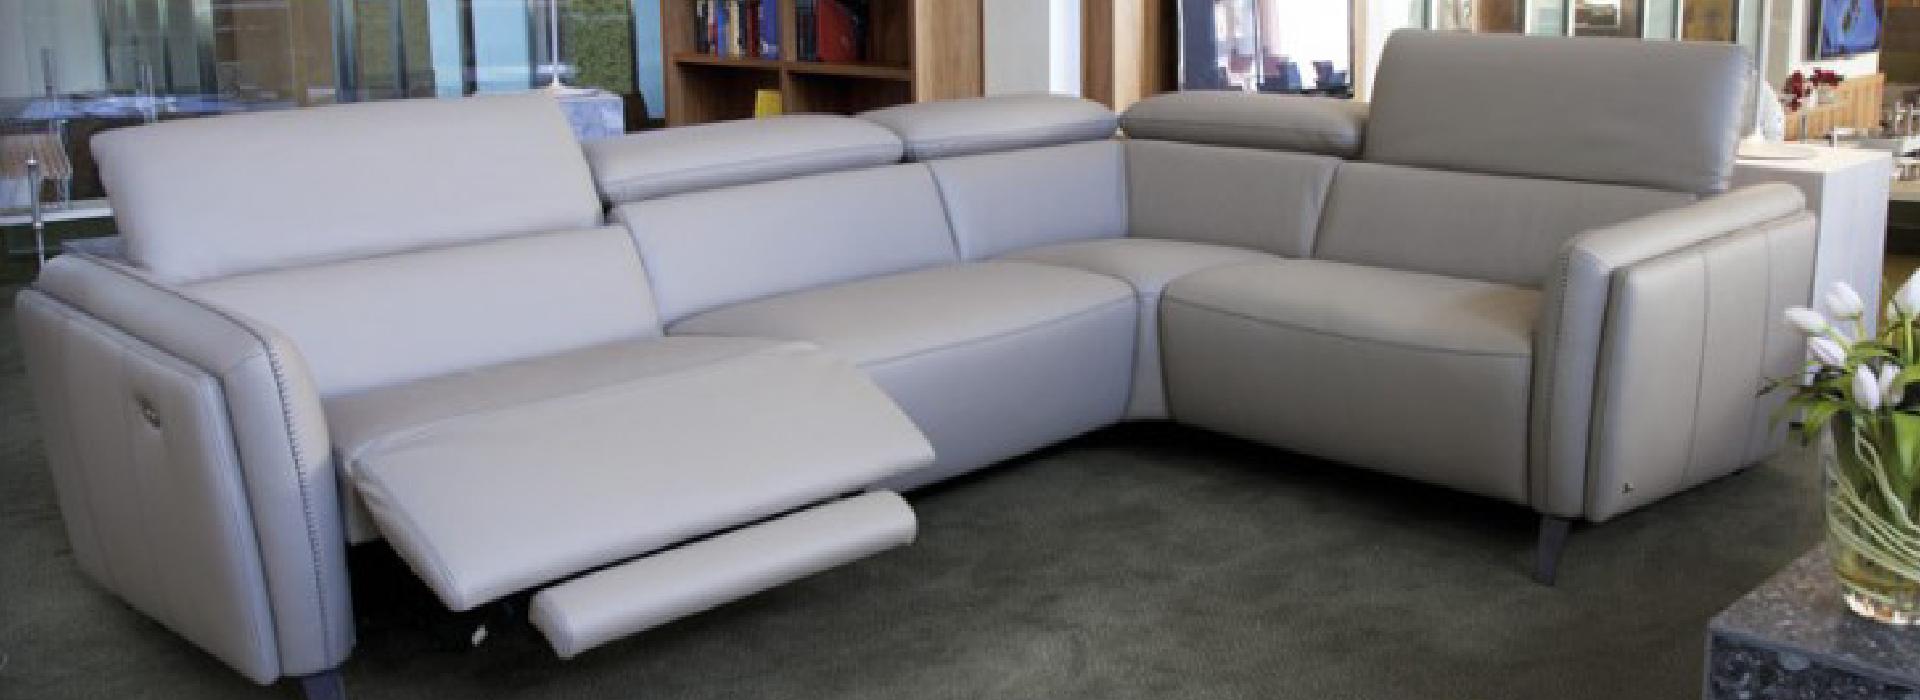 C mo hidratar un sof de piel con sencillos trucos - Como limpiar sofa de piel ...